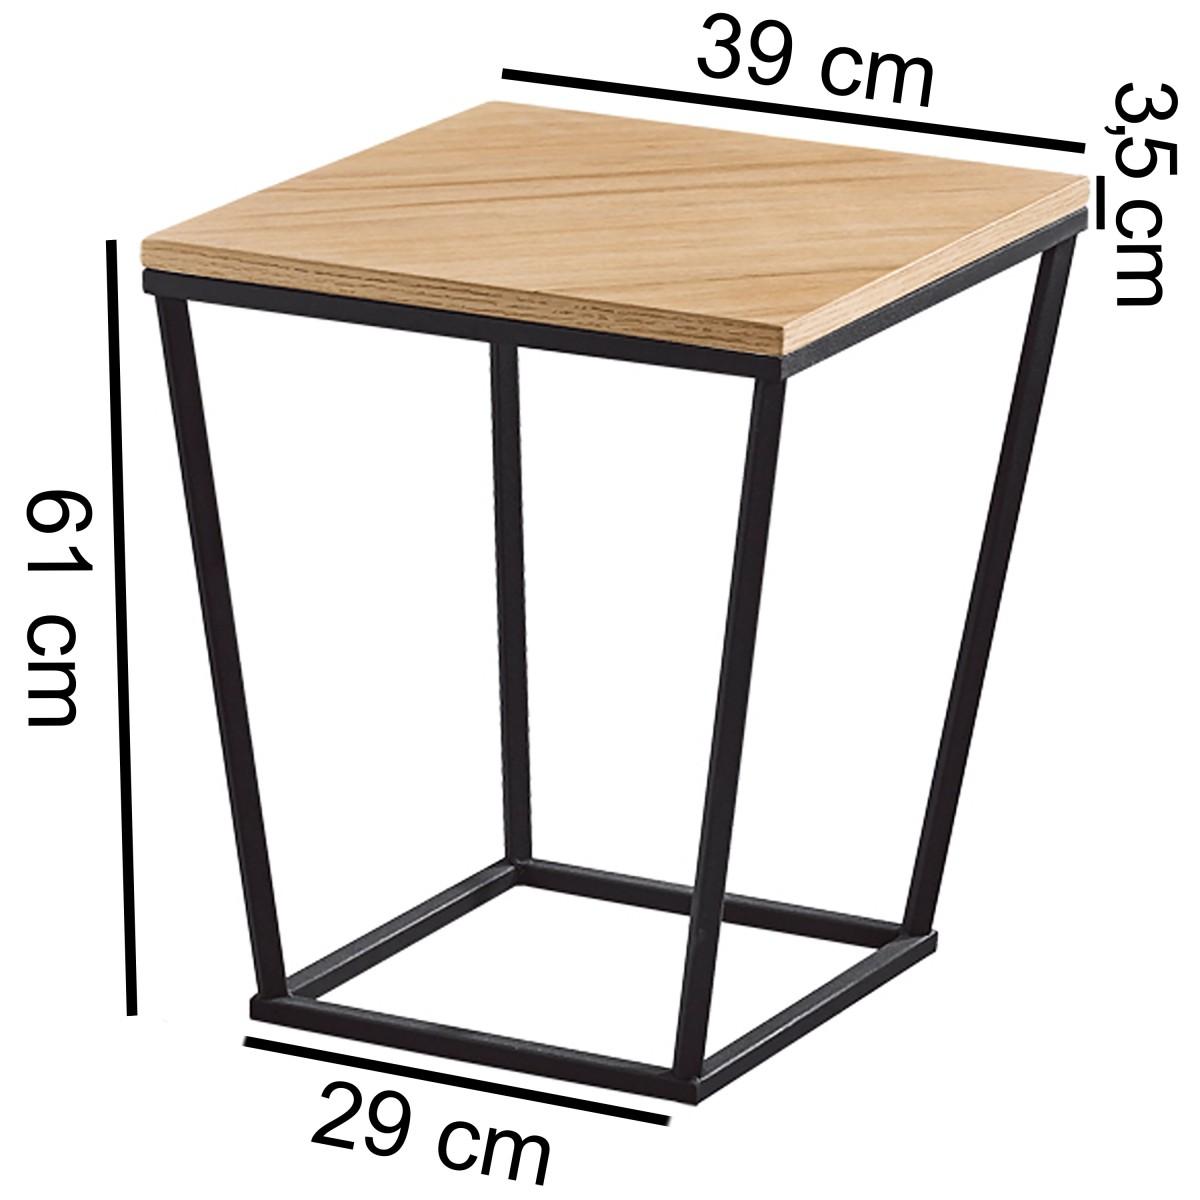 finebuy beistelltisch scanio retro design mdf holz wei 60 x 50 x 50 cm wohnzimmertisch. Black Bedroom Furniture Sets. Home Design Ideas